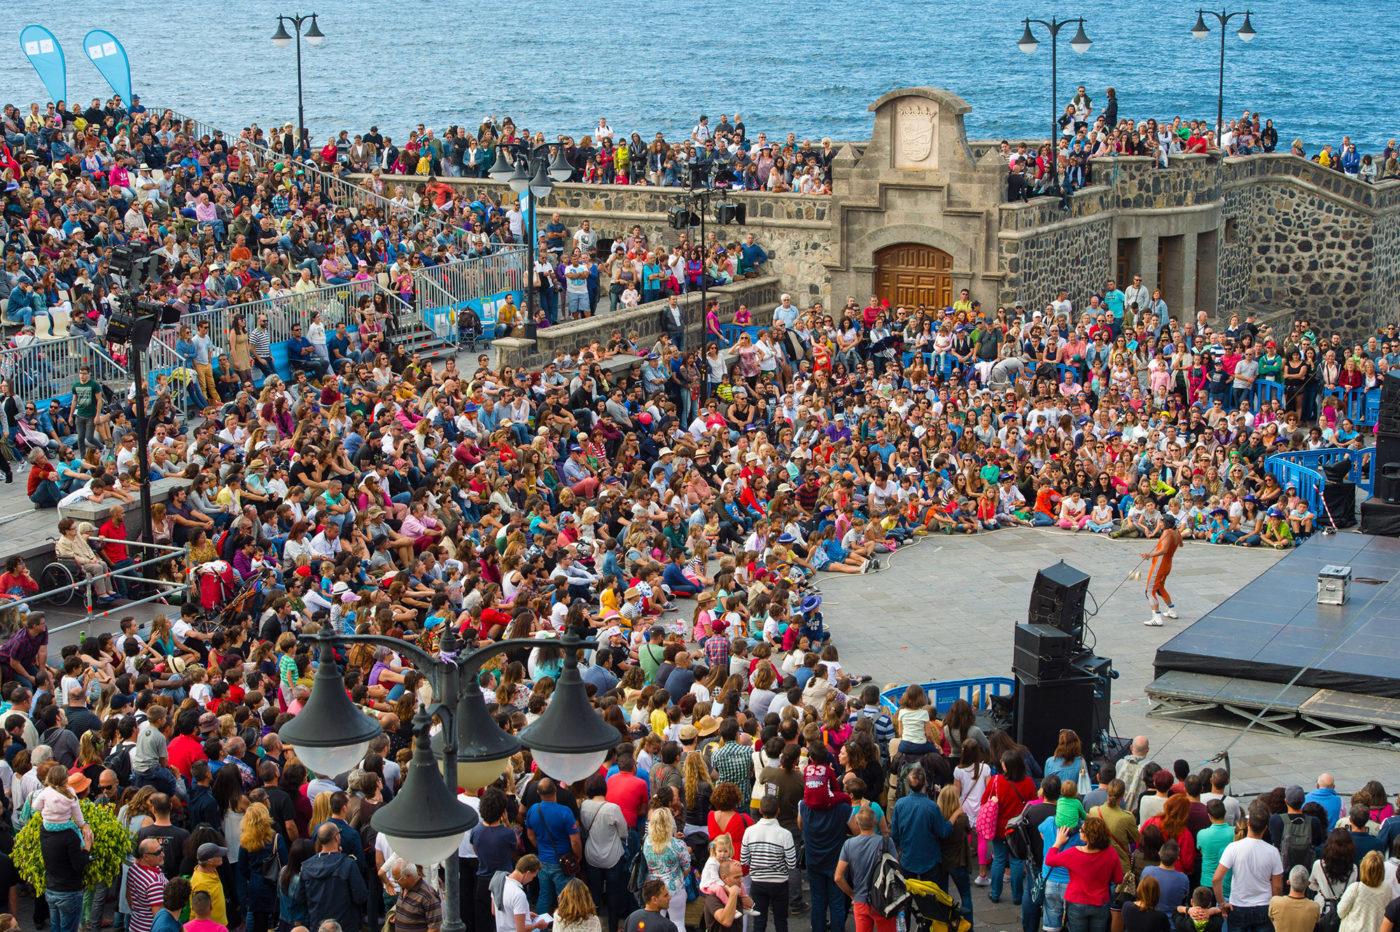 Mueca regresa a Puerto de la Cruz con cuatro días de arte en la calle